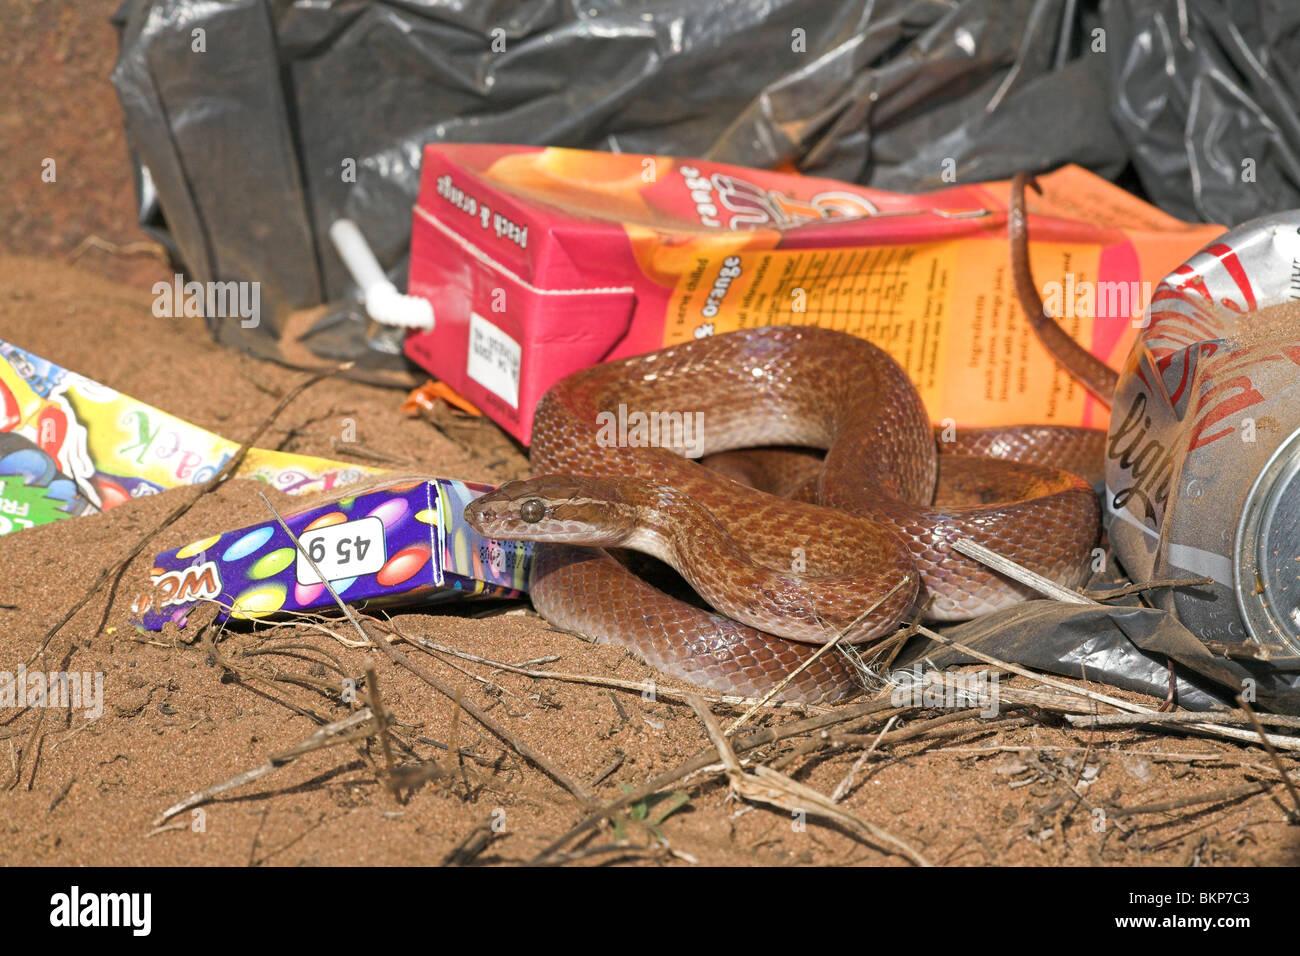 Foto de una casa marrón serpiente entre coloridos basura, Brown House serpientes suelen vivir alrededor de Imagen De Stock